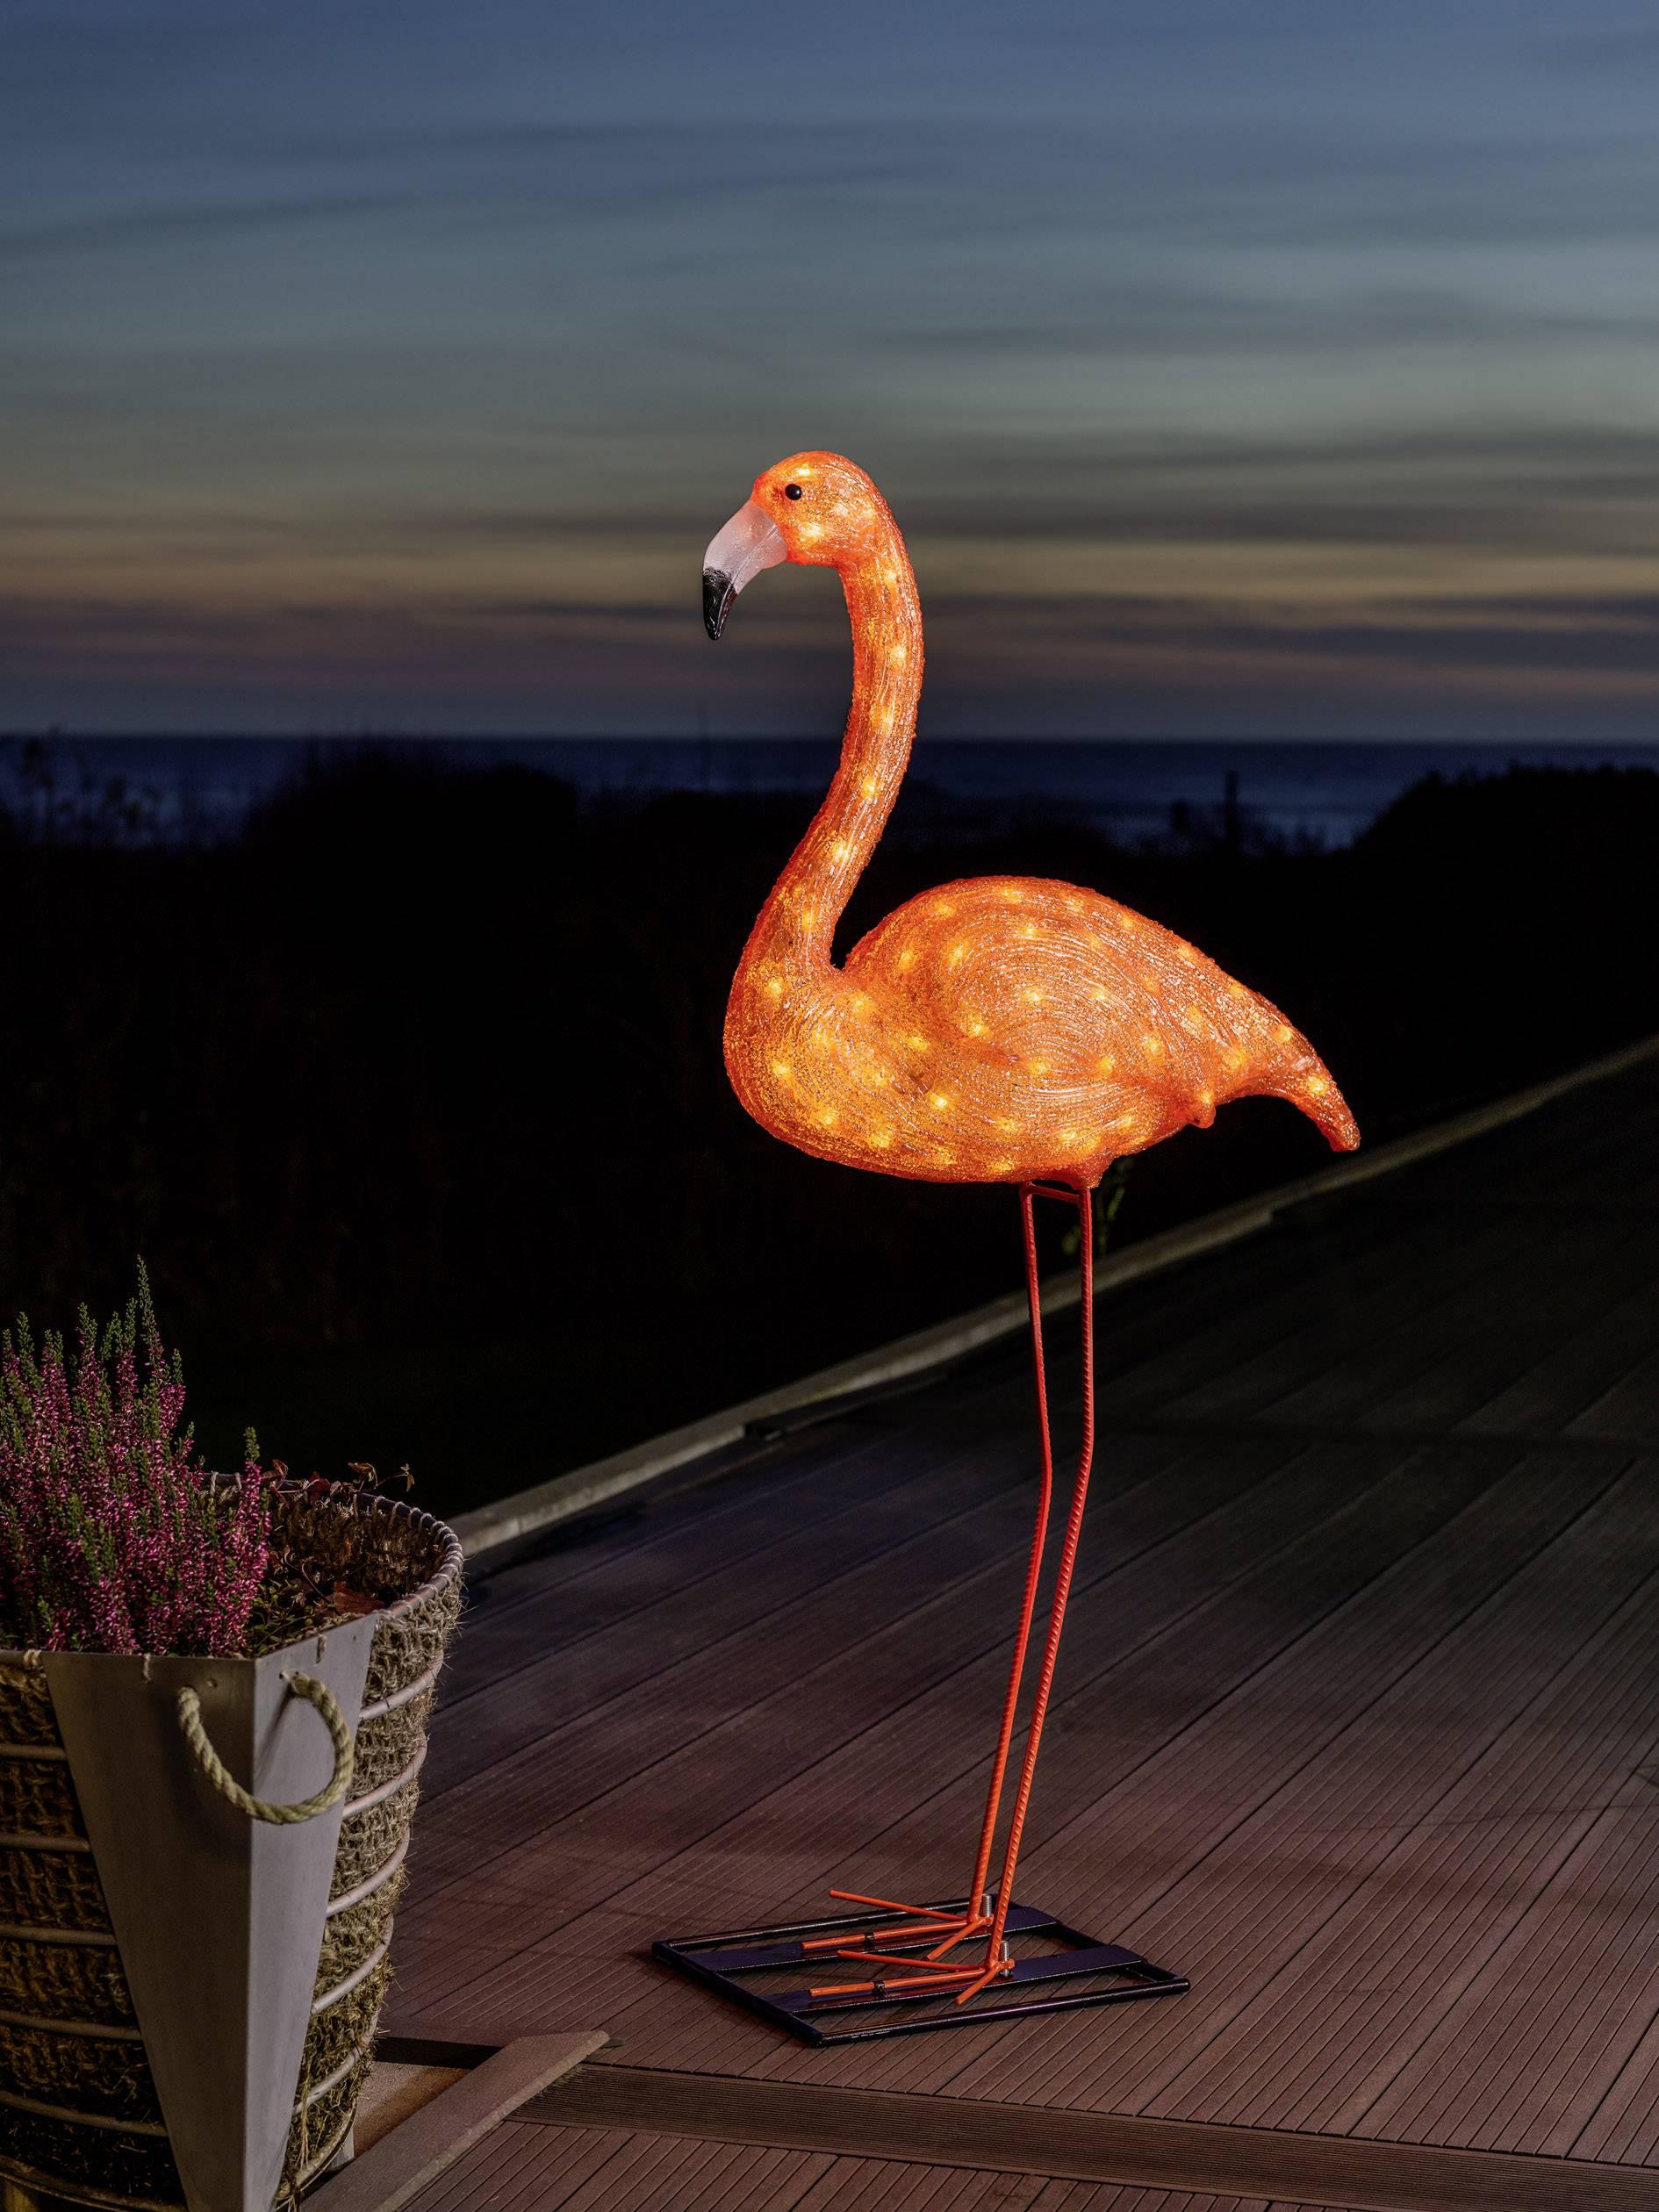 Akrylová LED postavička Konstsmide 6273-803 6273-803, jantarová